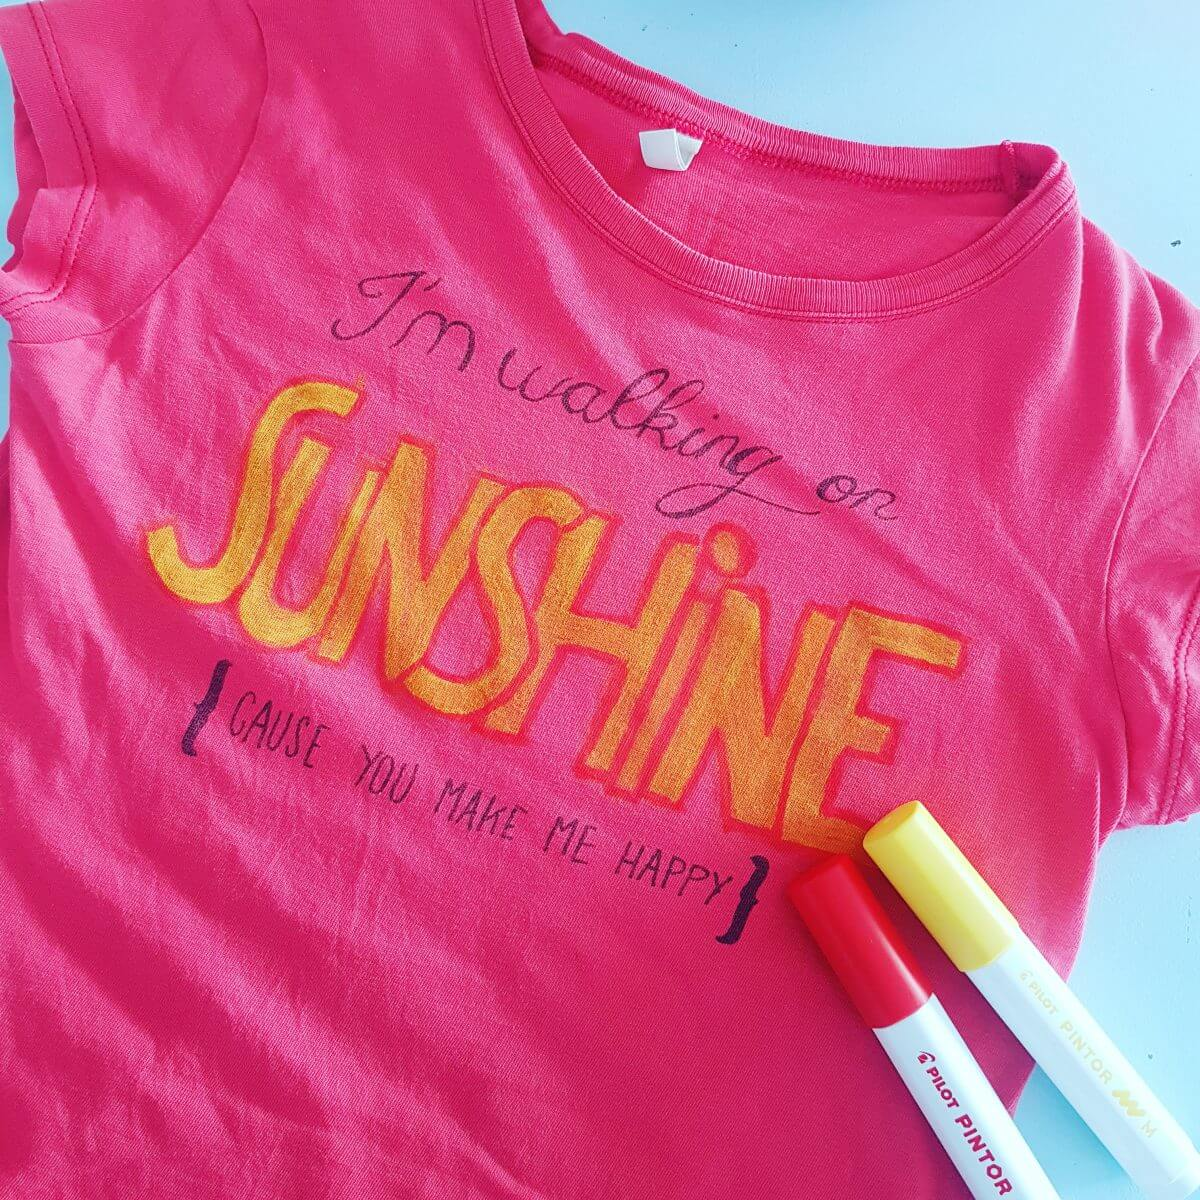 Pintor markers: met stiften een t shirt versieren